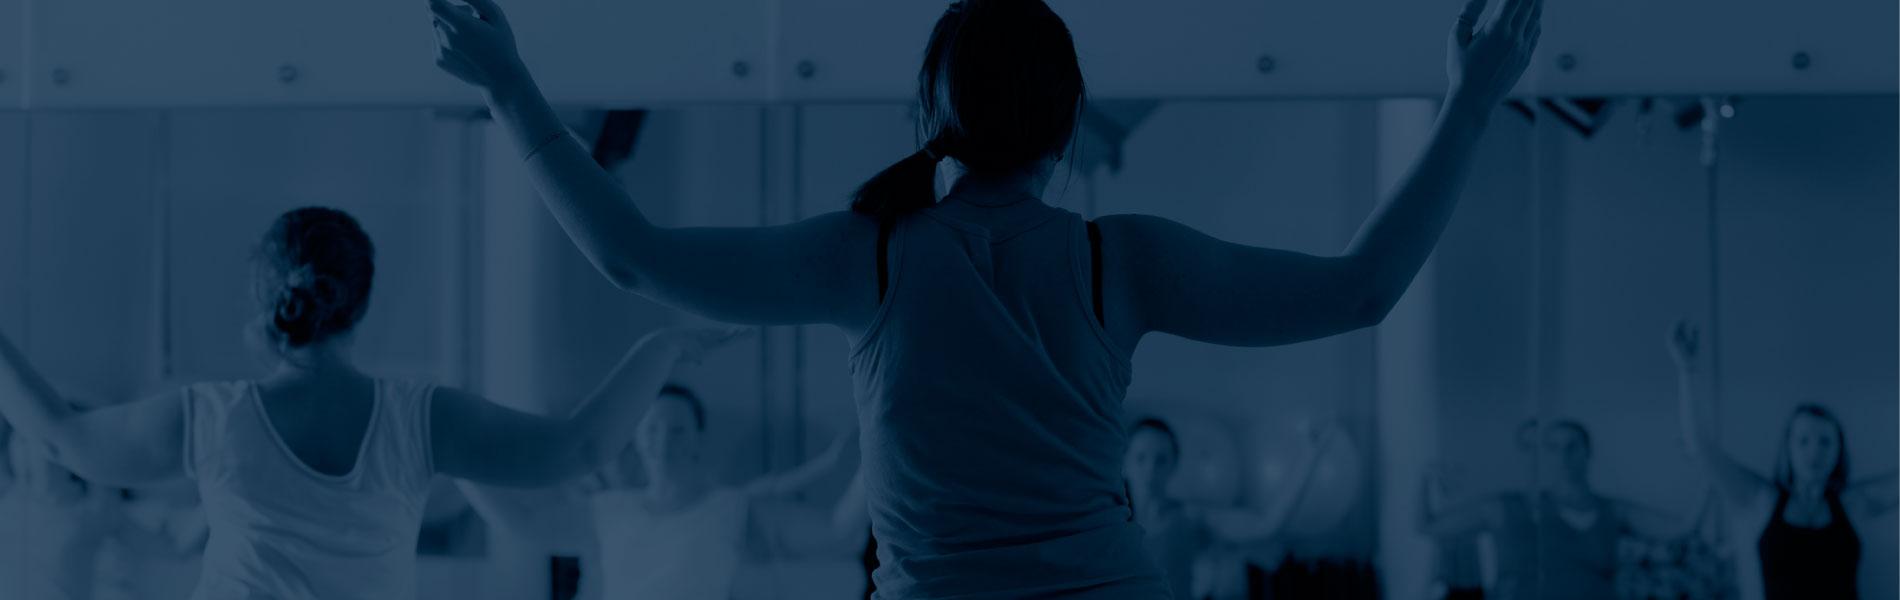 dancestudioideas-1900x600.jpg